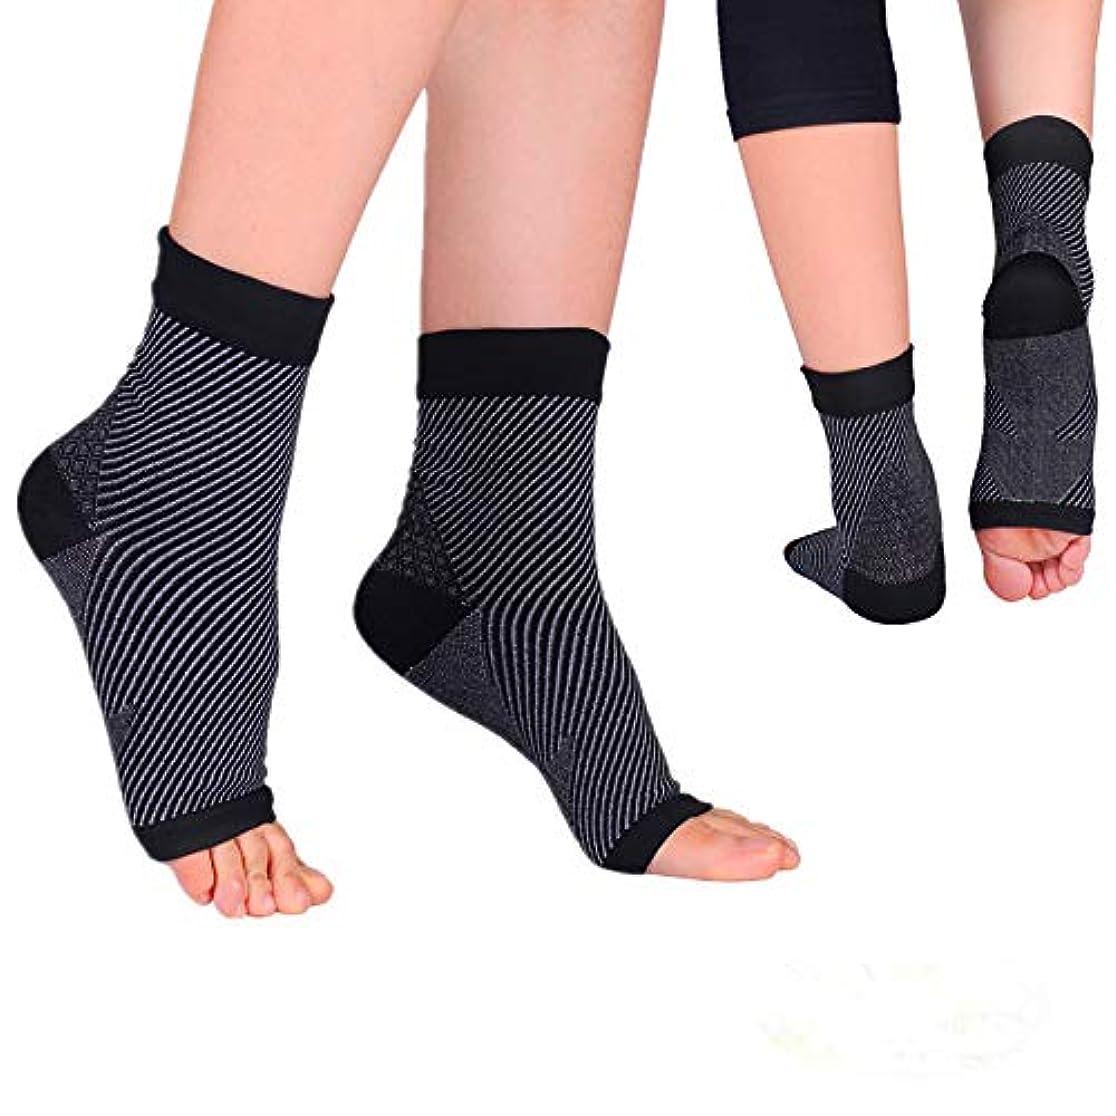 劇作家習熟度形容詞通気性足首ソックス 足 サポーター 足首固定足の腫れを軽減する-2枚組